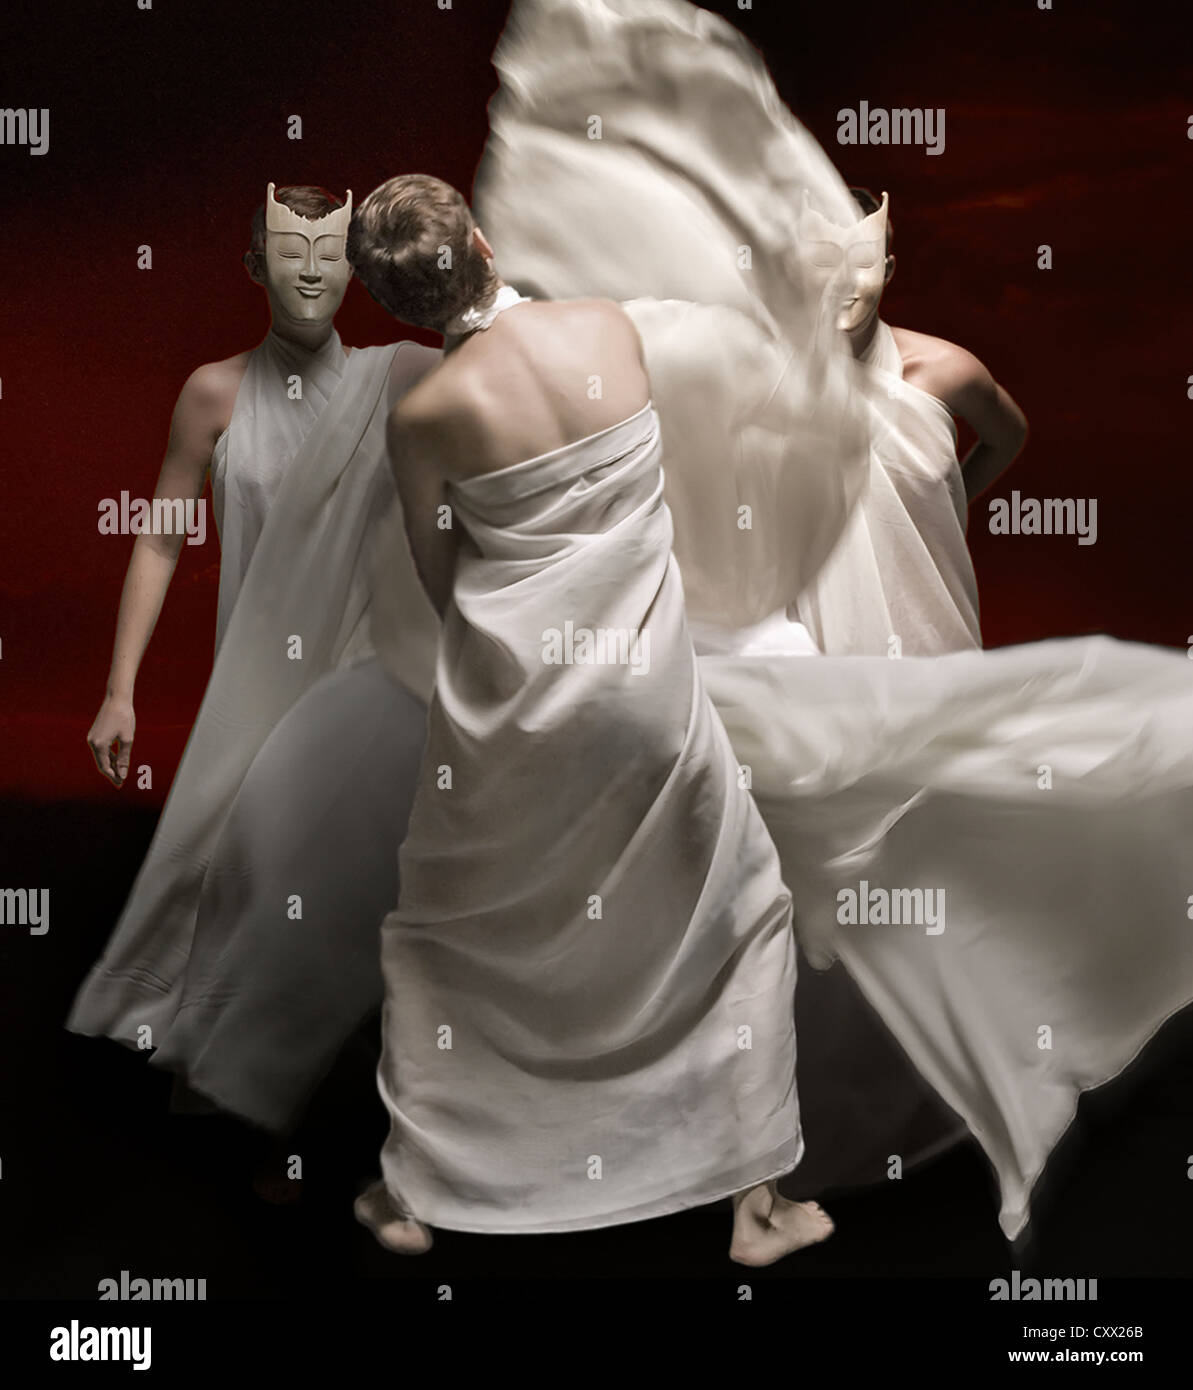 Bailarines en trajes fluyendo realizar bajo una iluminación espectacular en medio de un telón de fondo negro Foto de stock